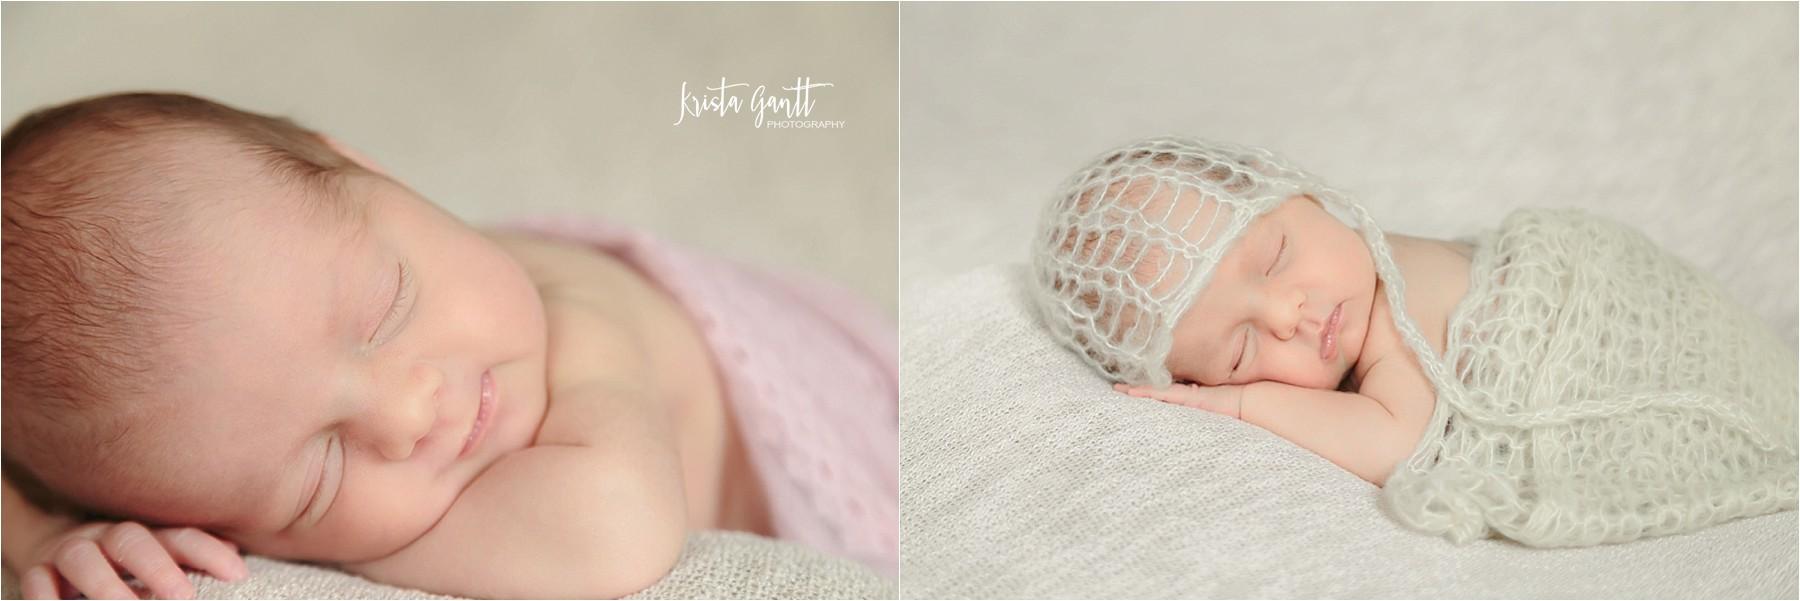 Krista Gantt PhotographyIMG_9575_Krista Gantt Photography.jpg